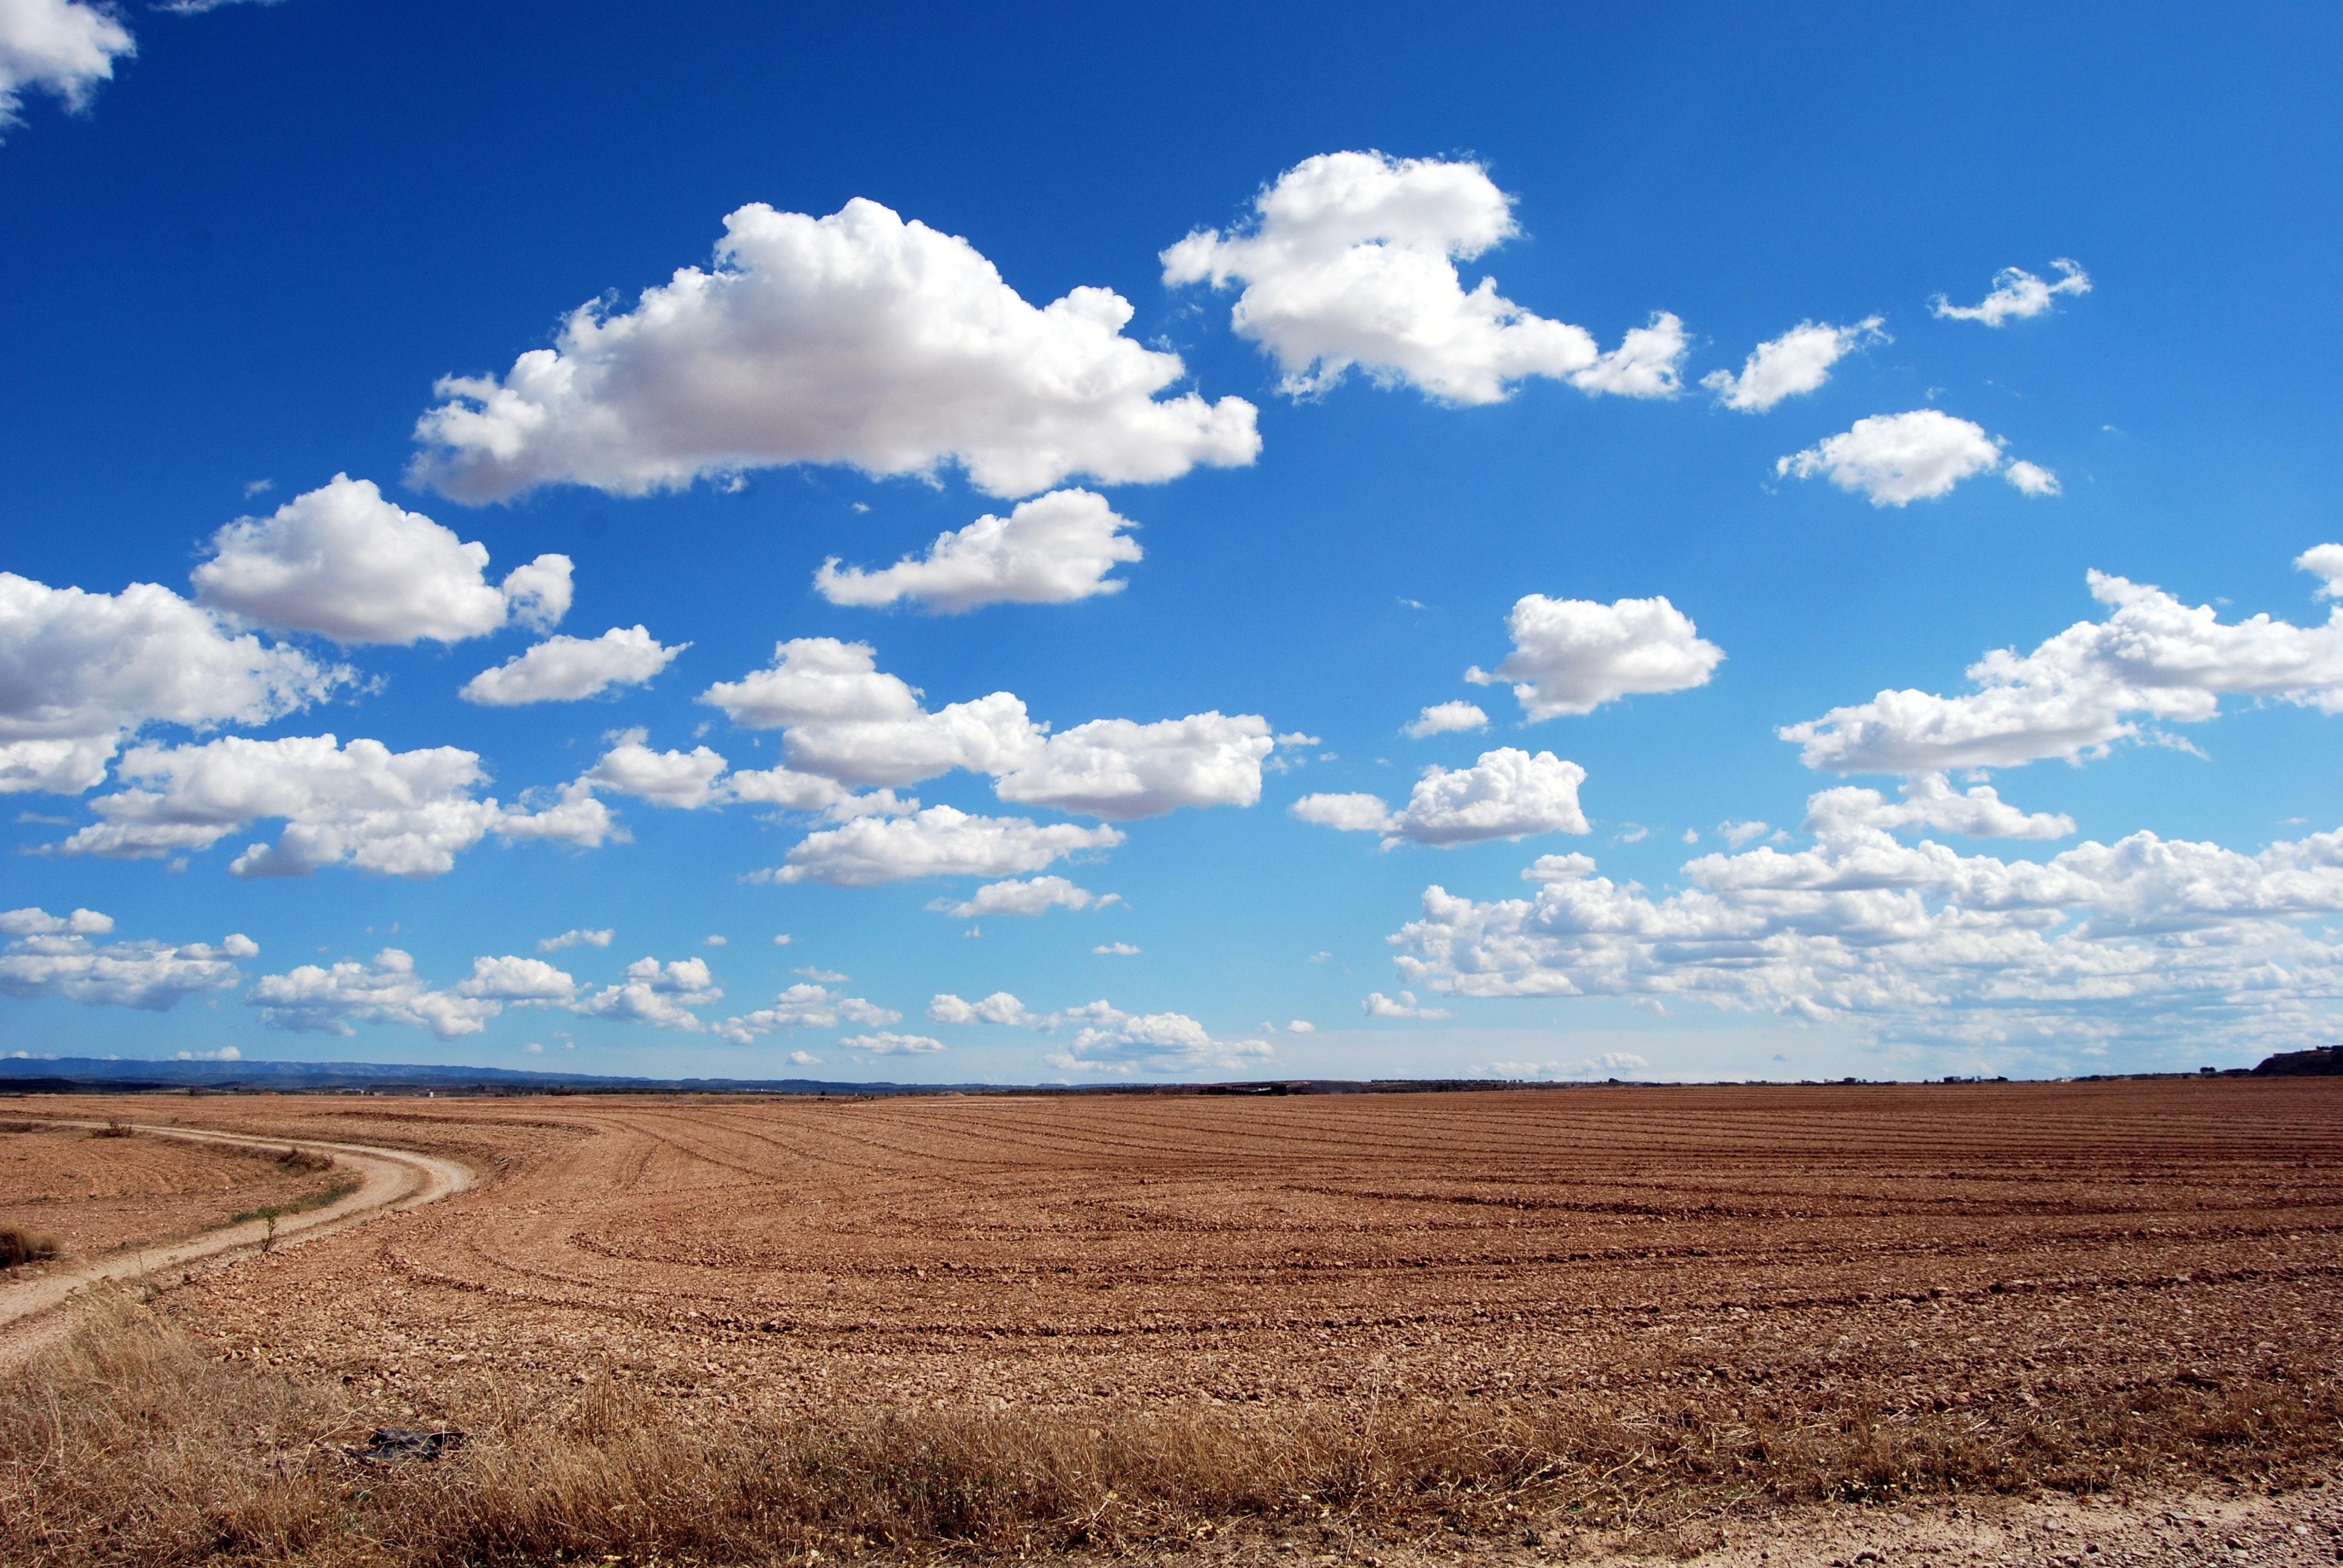 arid-bright-clouds-46160.jpg